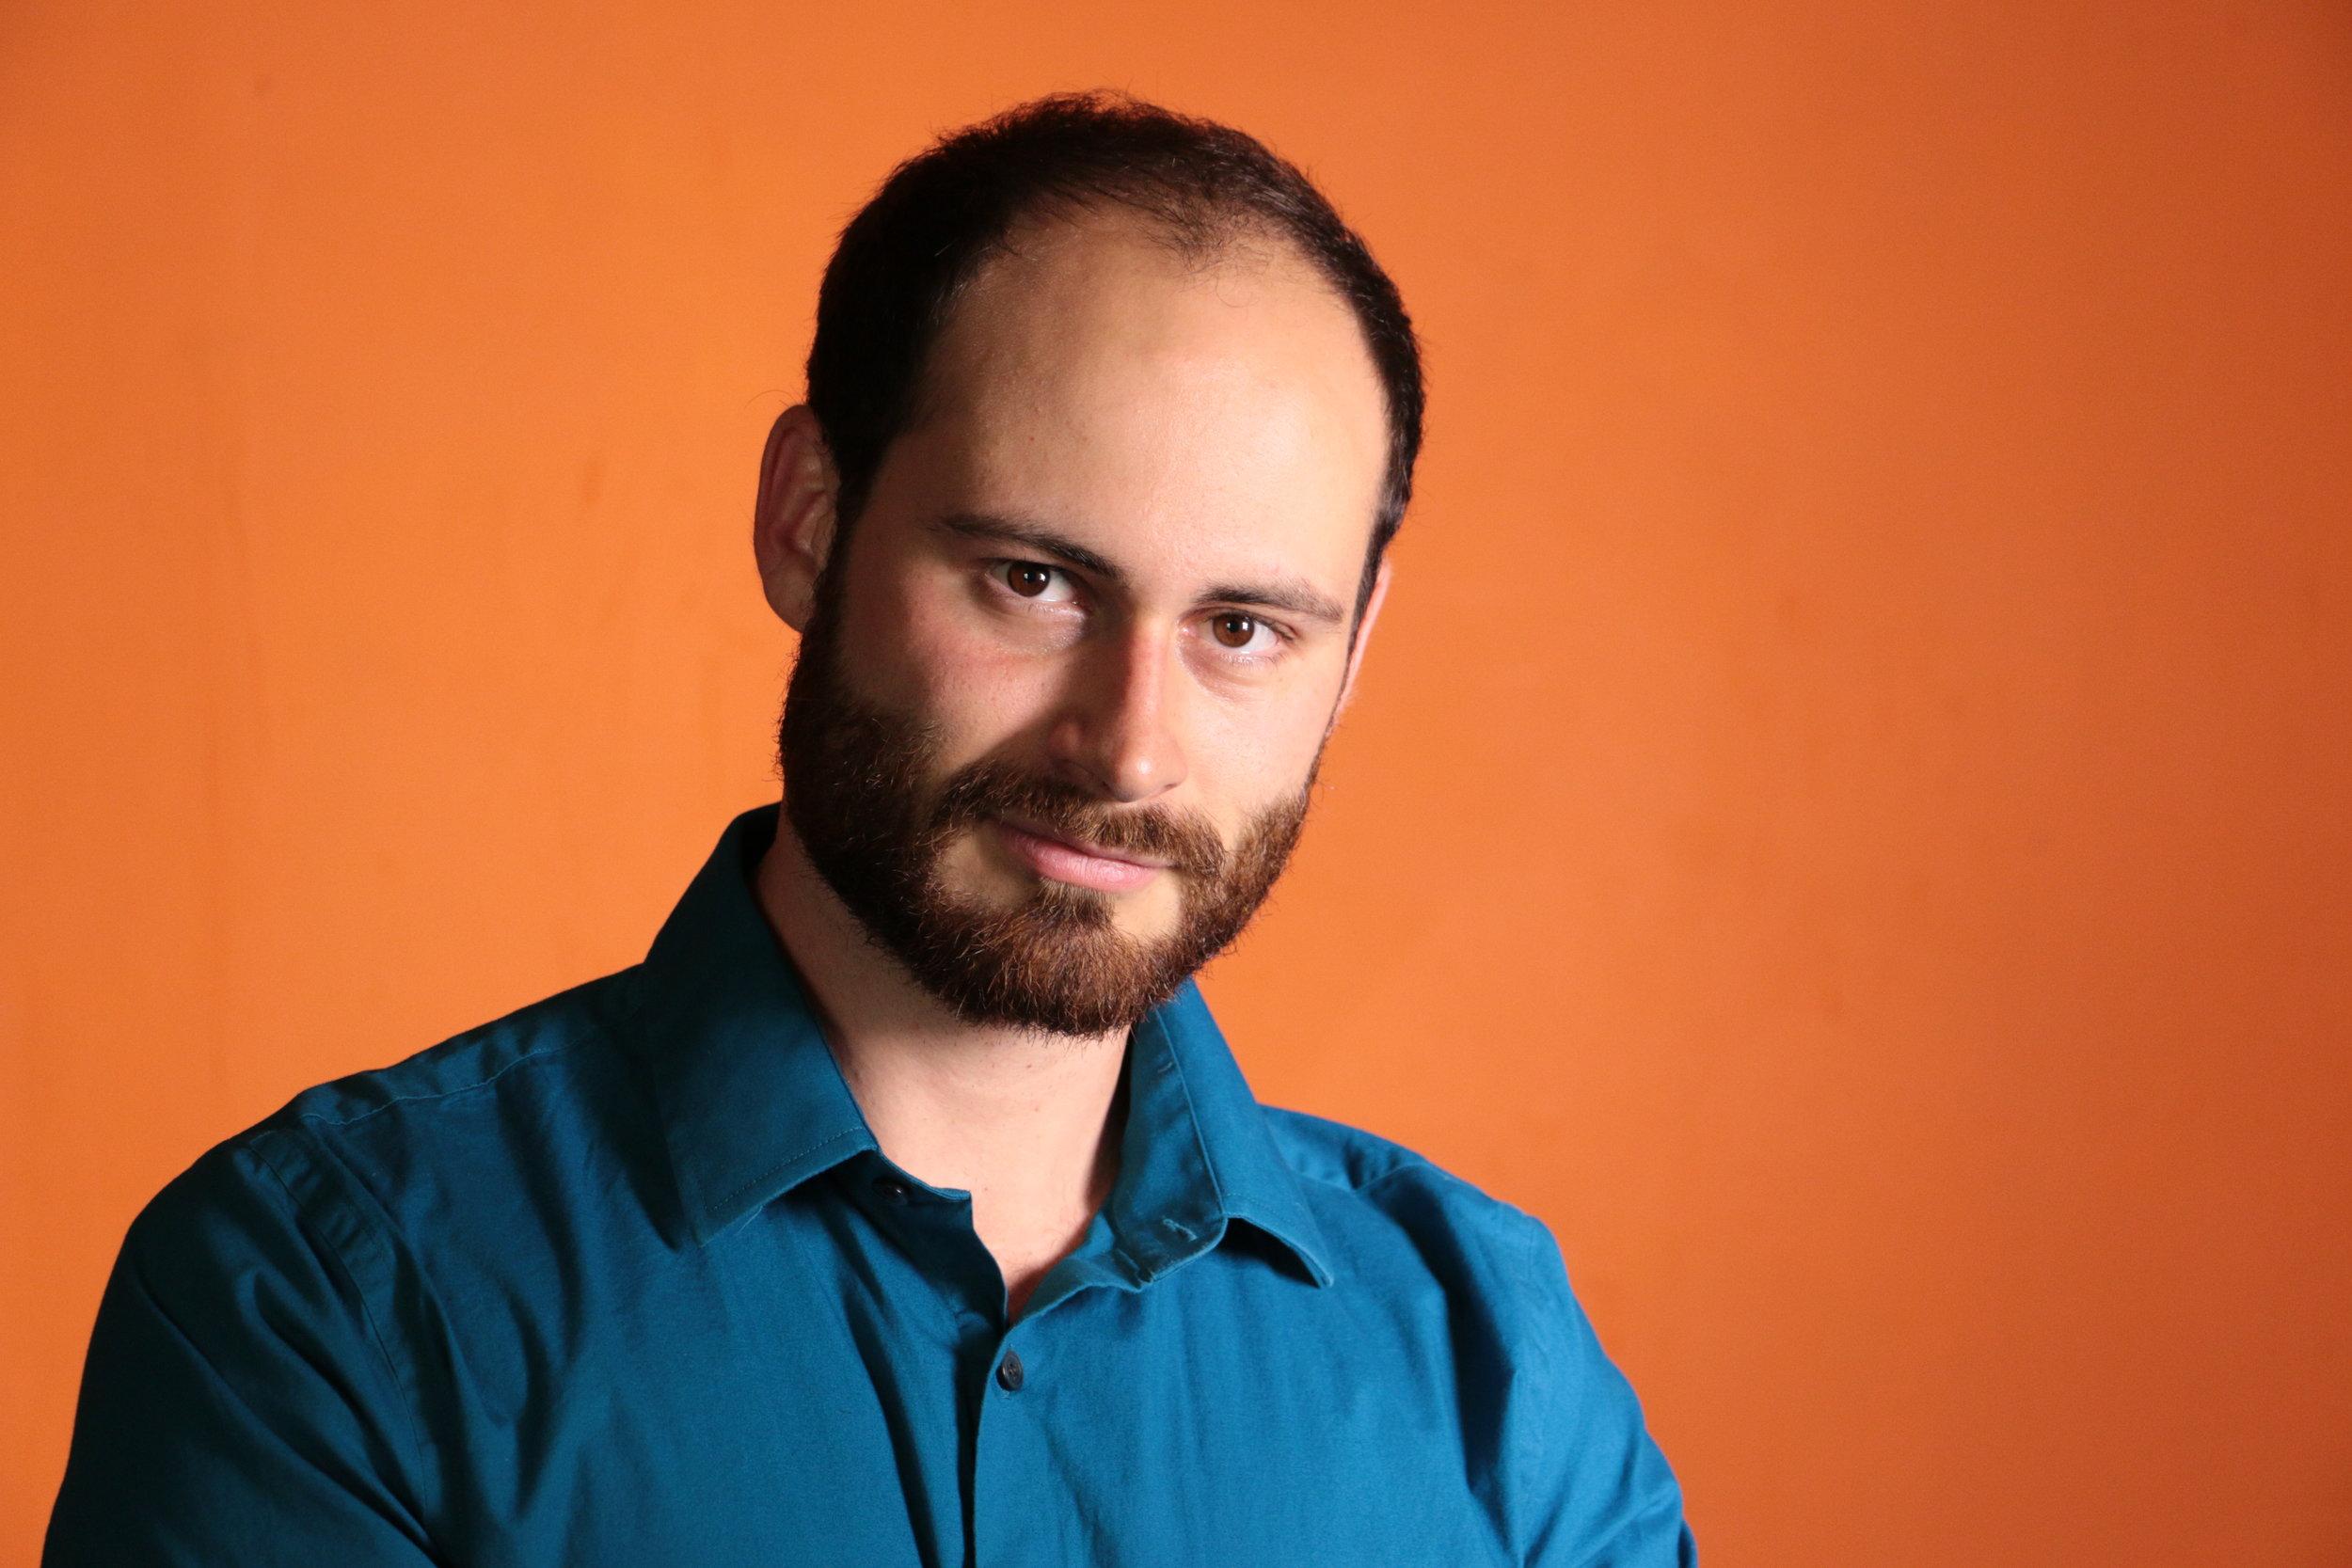 Male model Headshot in blue shirt